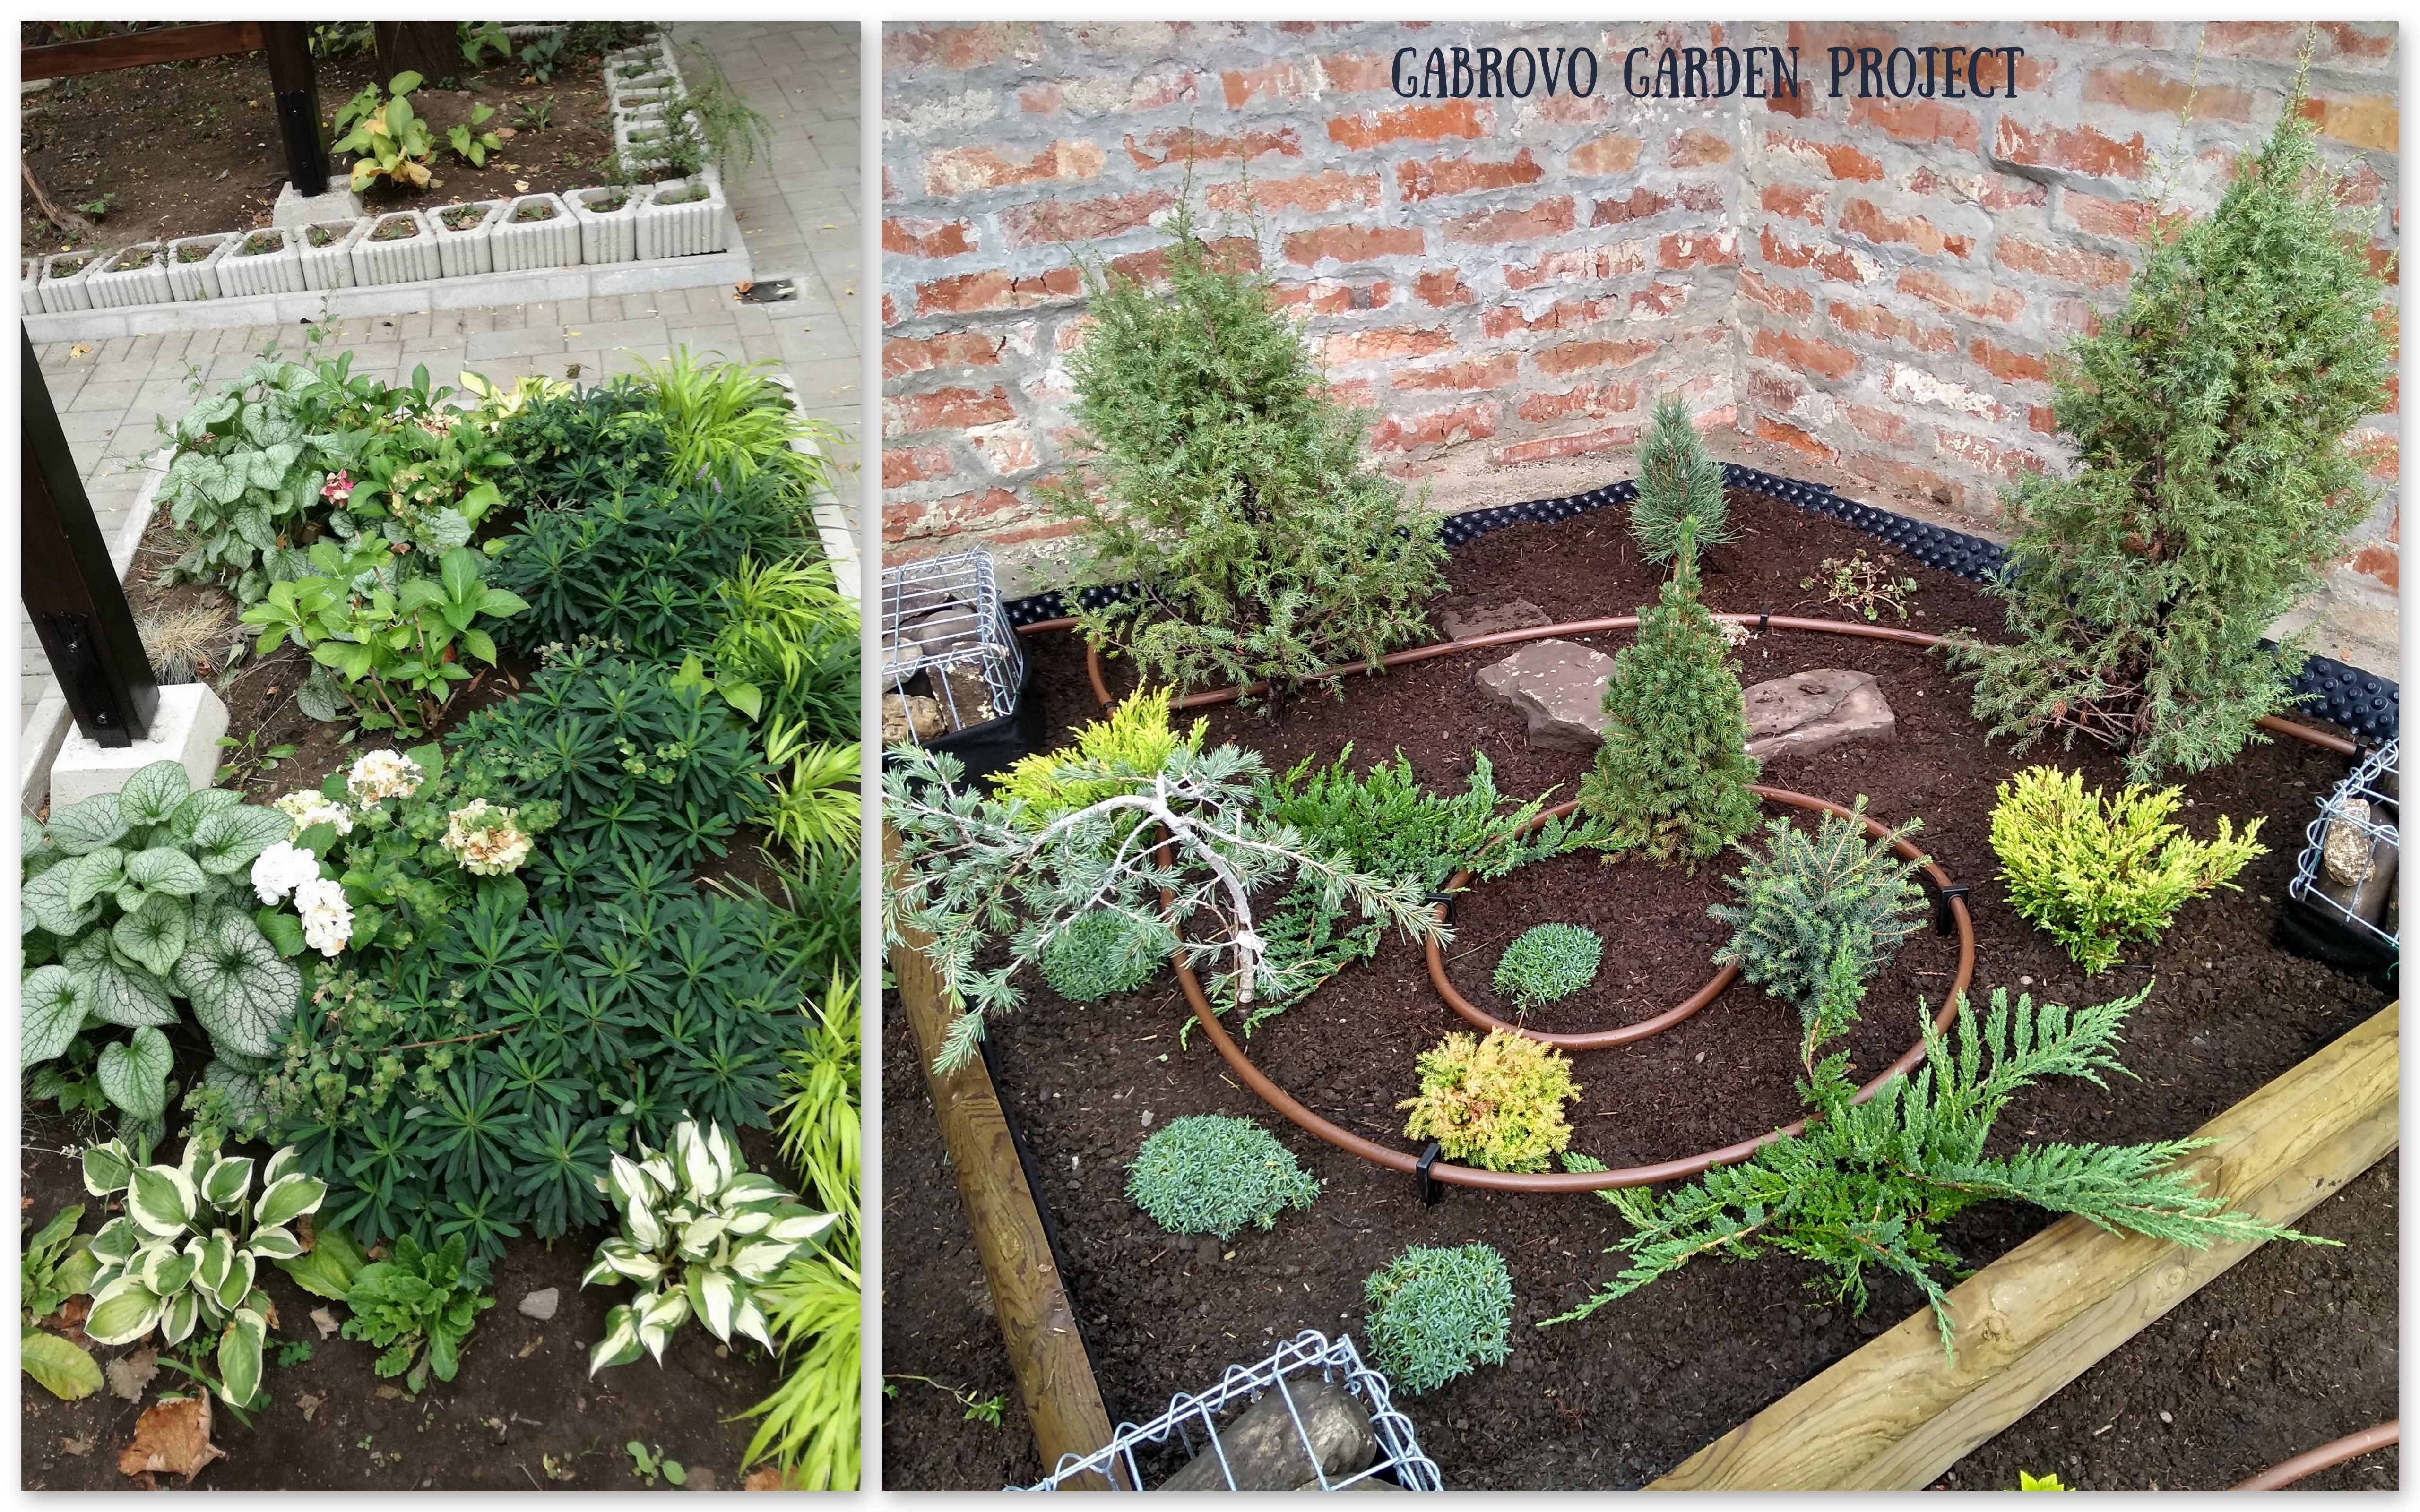 Детайли от градината, Габрово